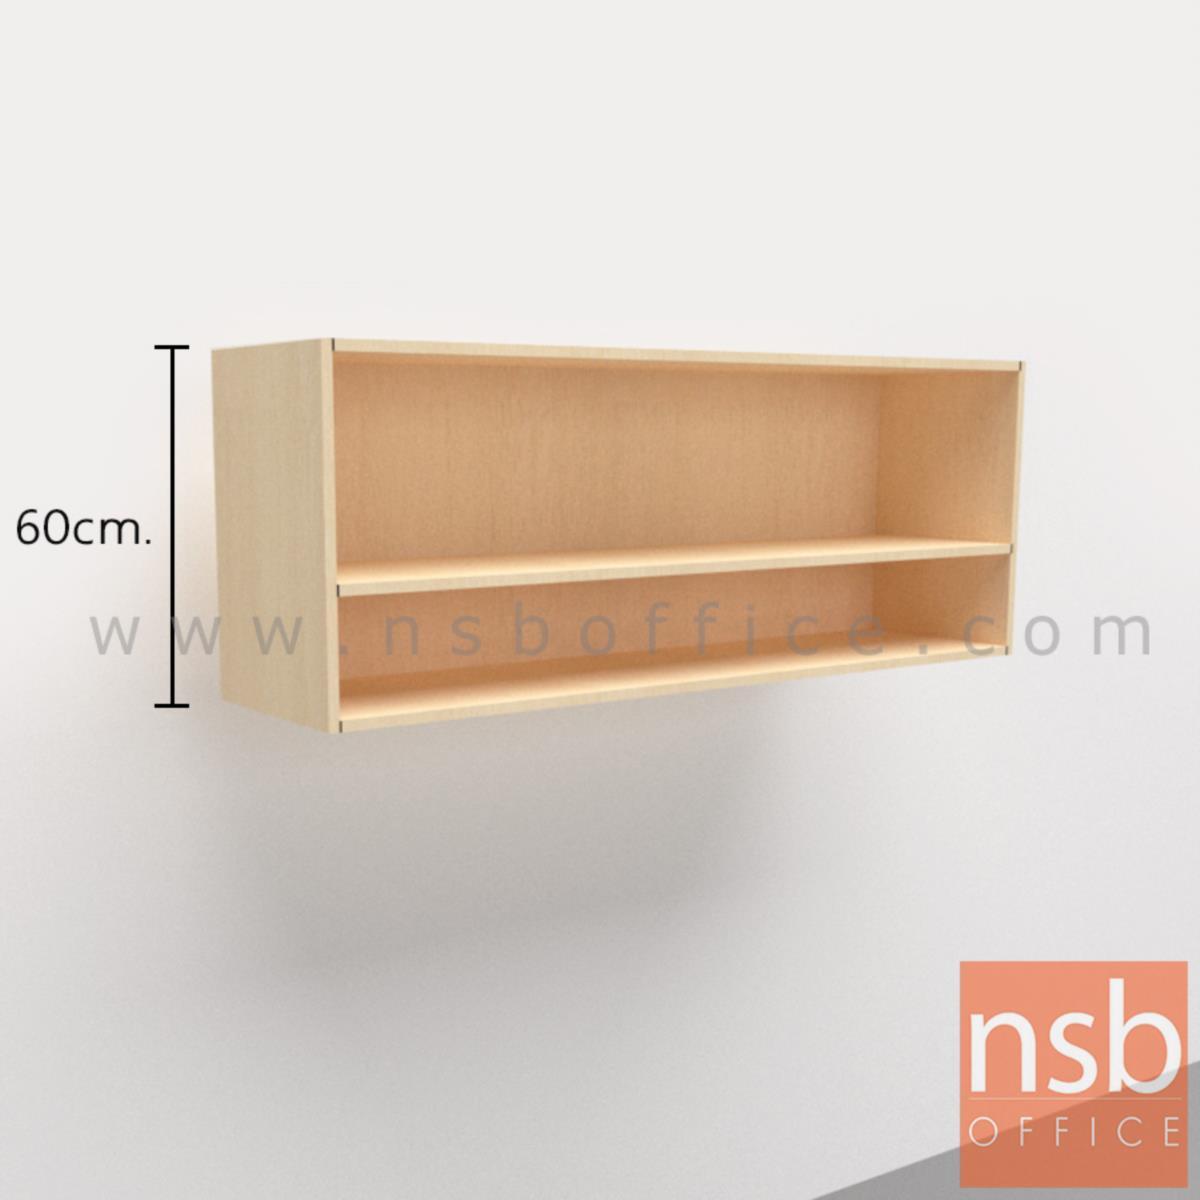 ตู้แขวนลอย 2 ช่องโล่ง  รุ่น Diplo (ดิปโล) ขนาด 80W ,120W ,150W*60H cm.  เมลามีน